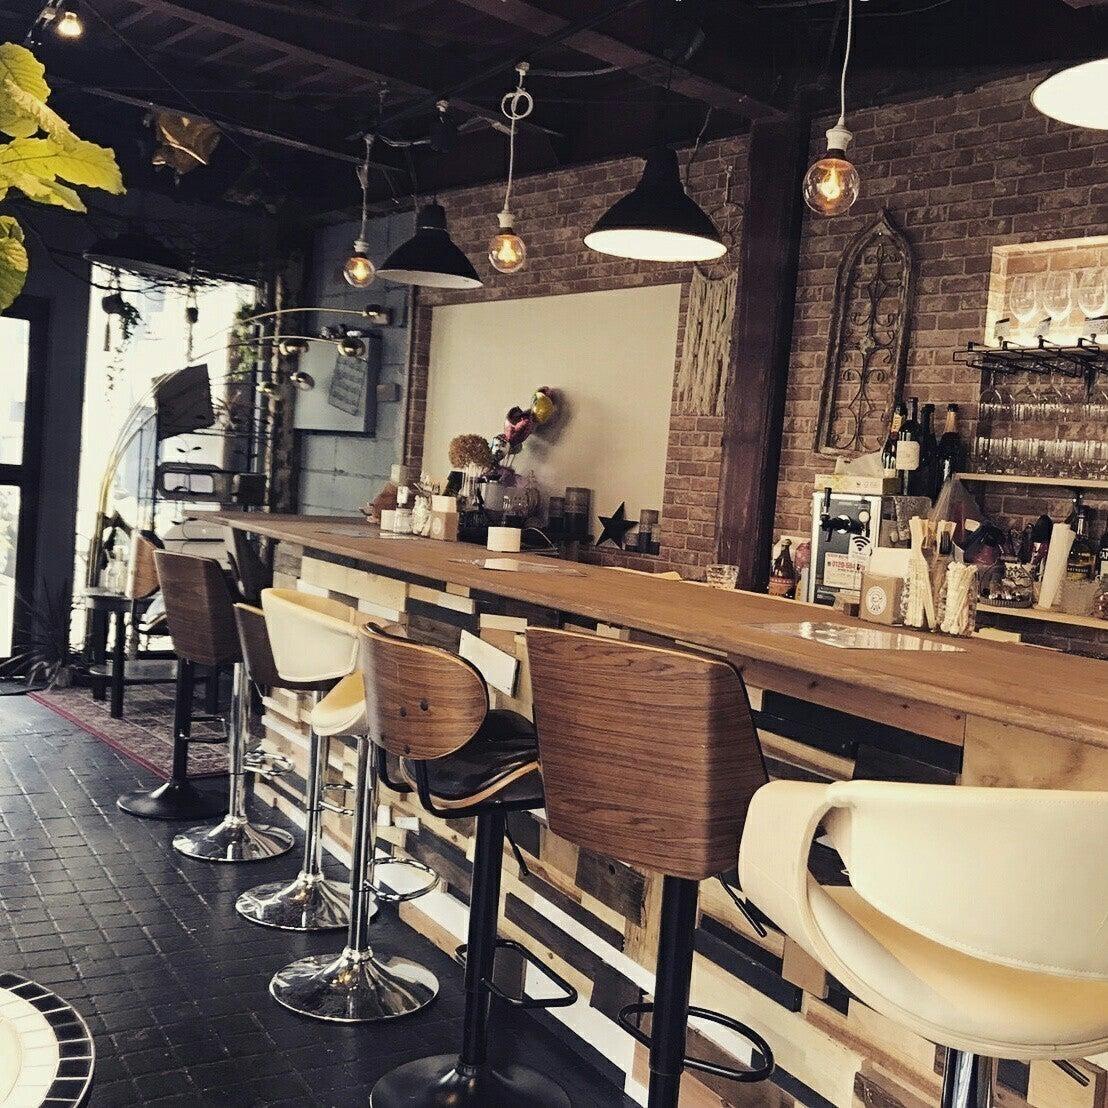 お洒落なカフェ&バーで非日常を感じれる★イベントシーンに!(お洒落なカフェ&バーで女子会誕生会などのイベント利用に!) の写真0